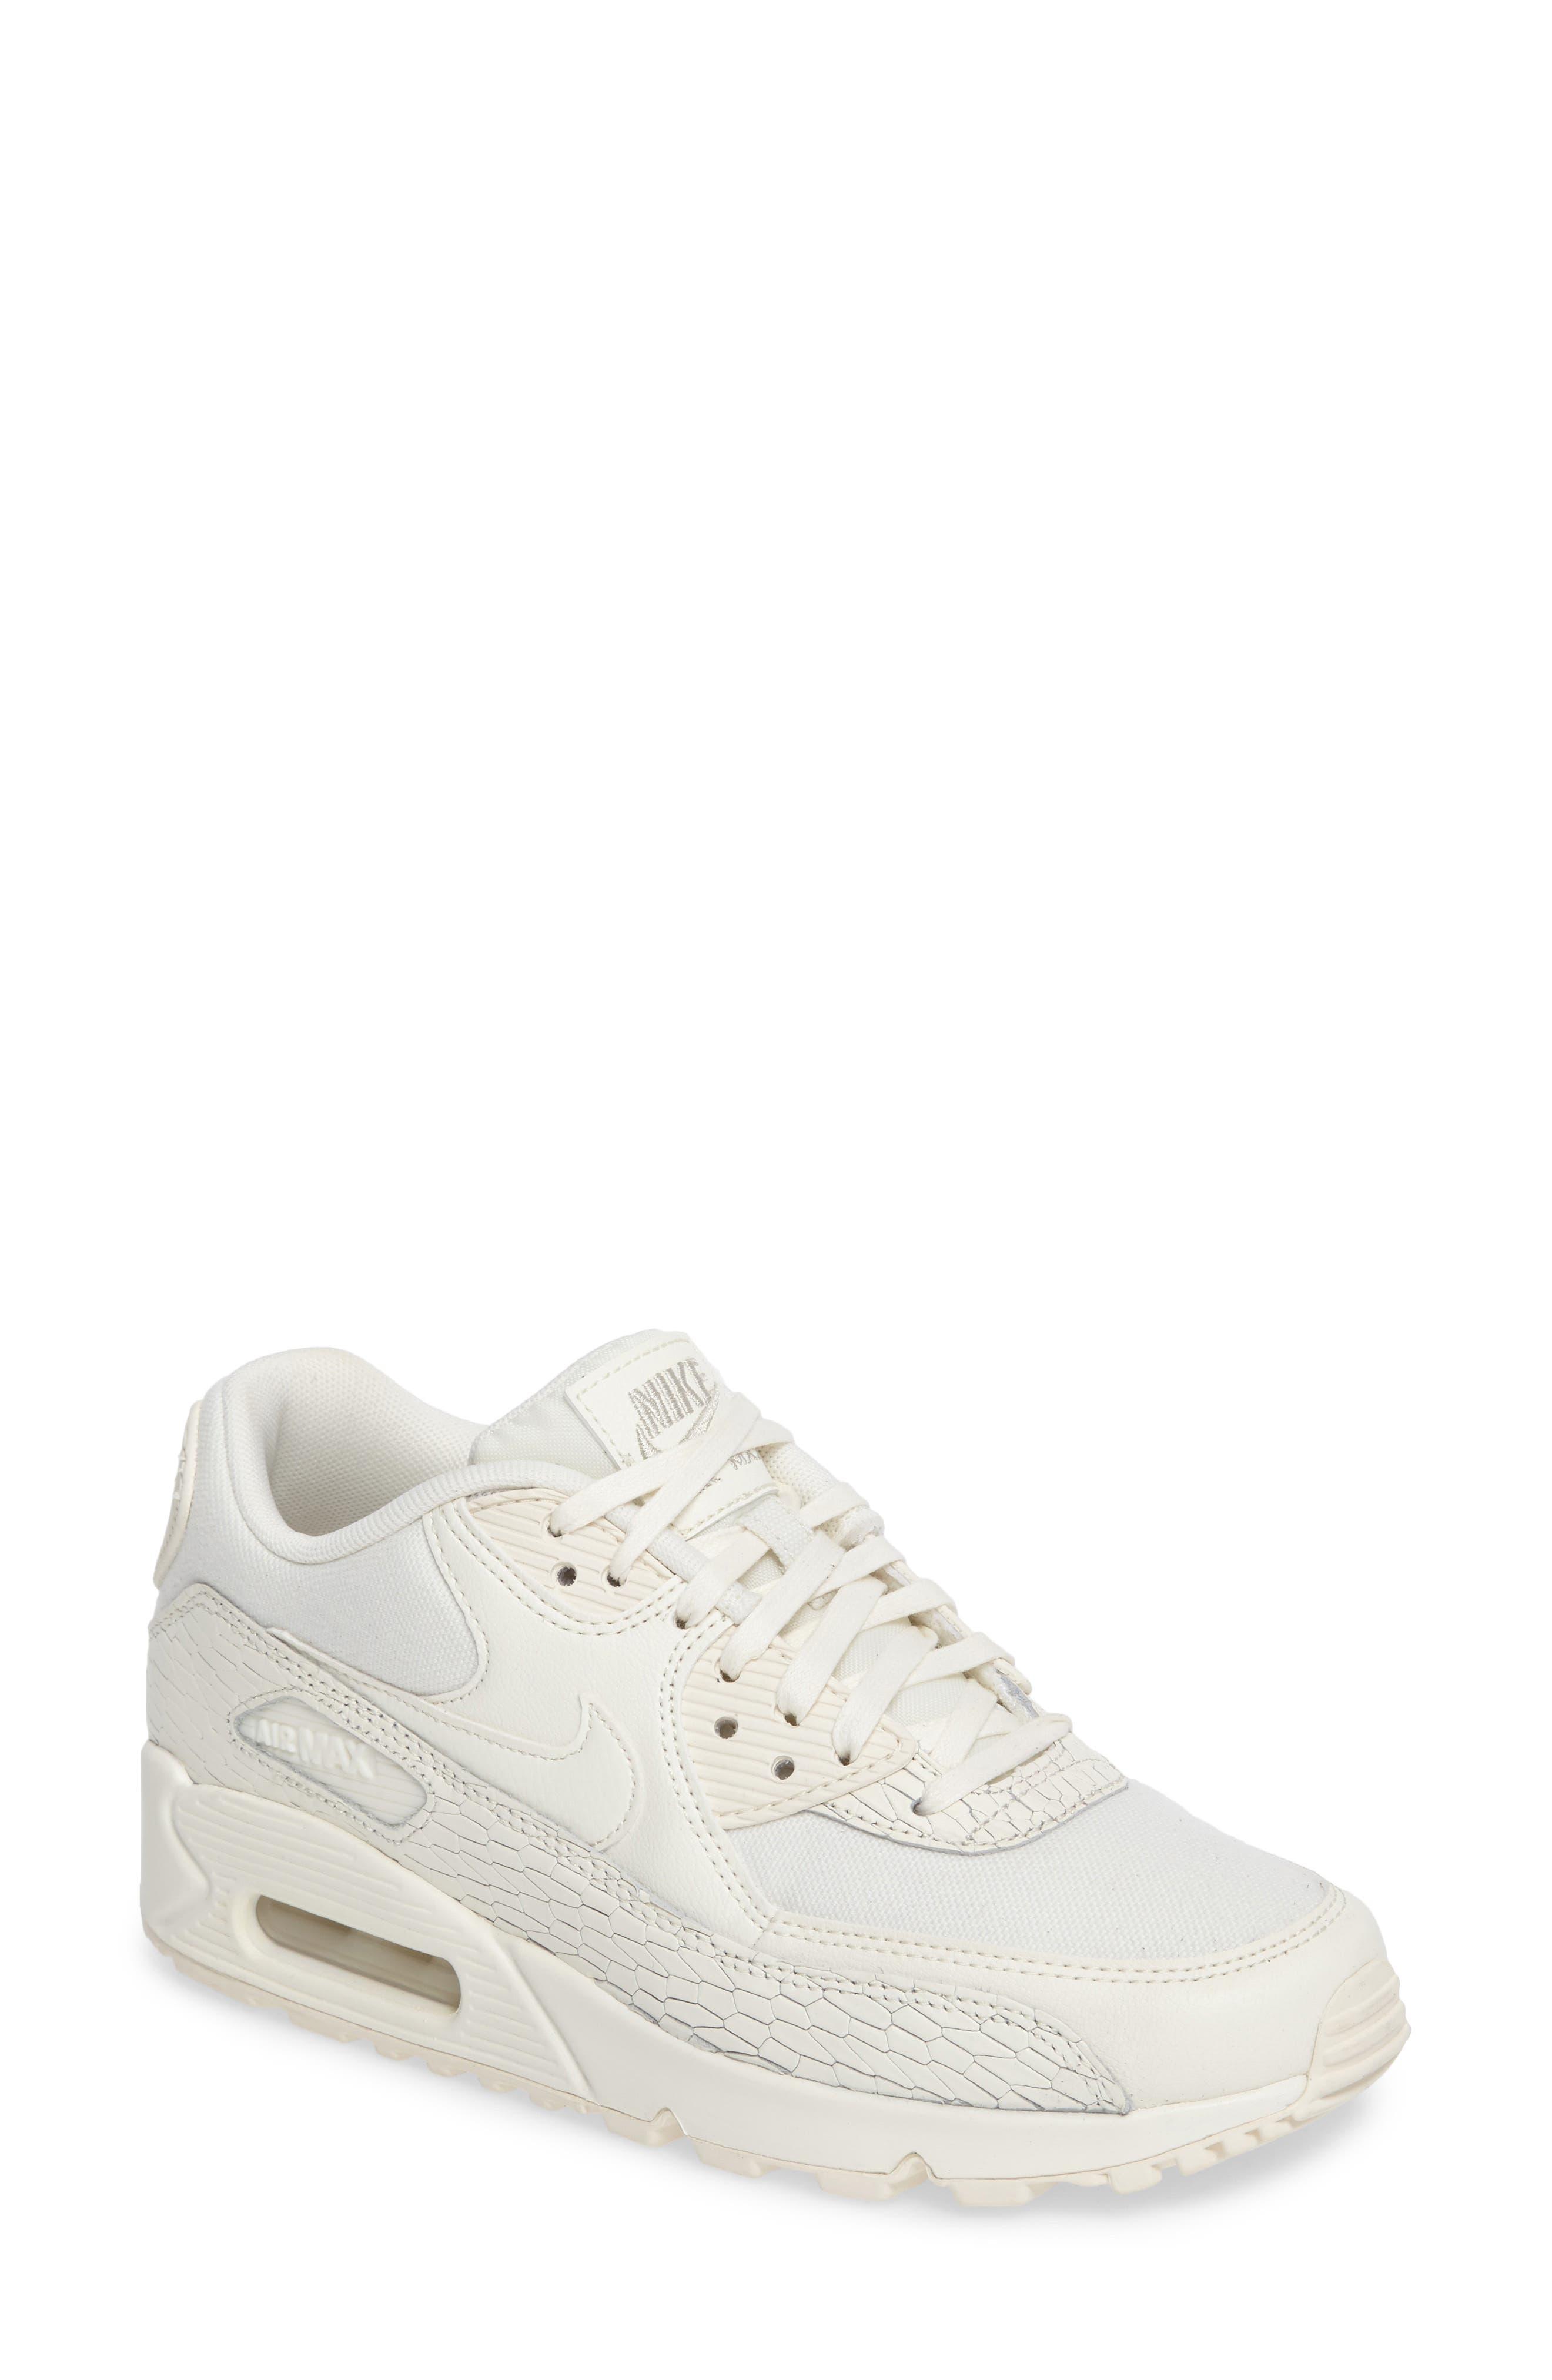 Nike Air Max 90 Premium Leather Sneaker (Women)